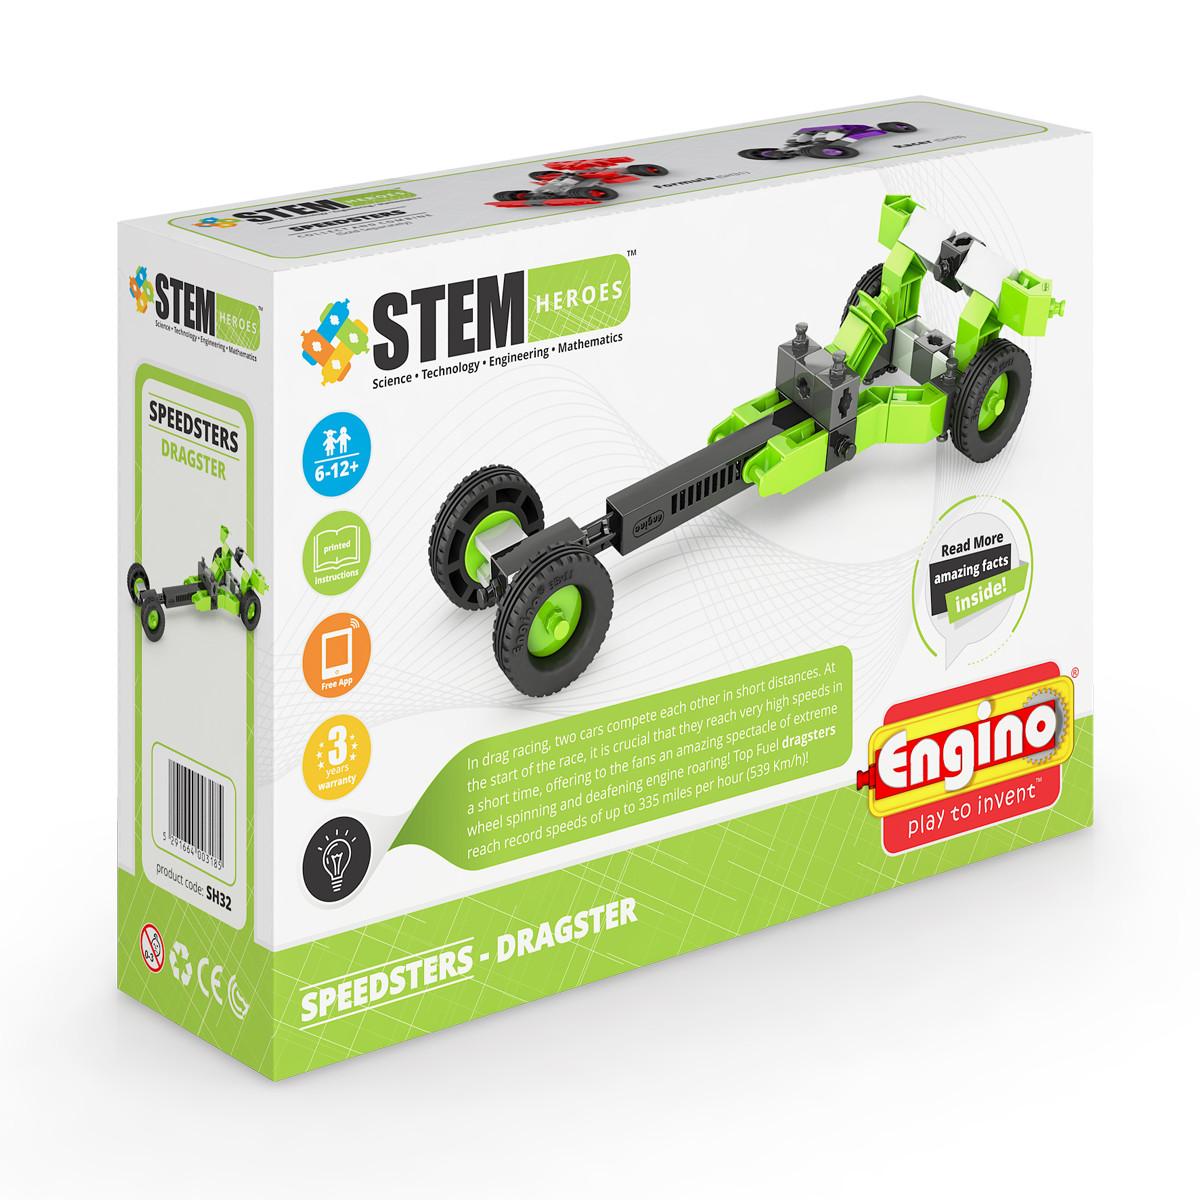 Конструктор Engino Спортивные автомобили: драгстер - серия Stem Heroes, SH32